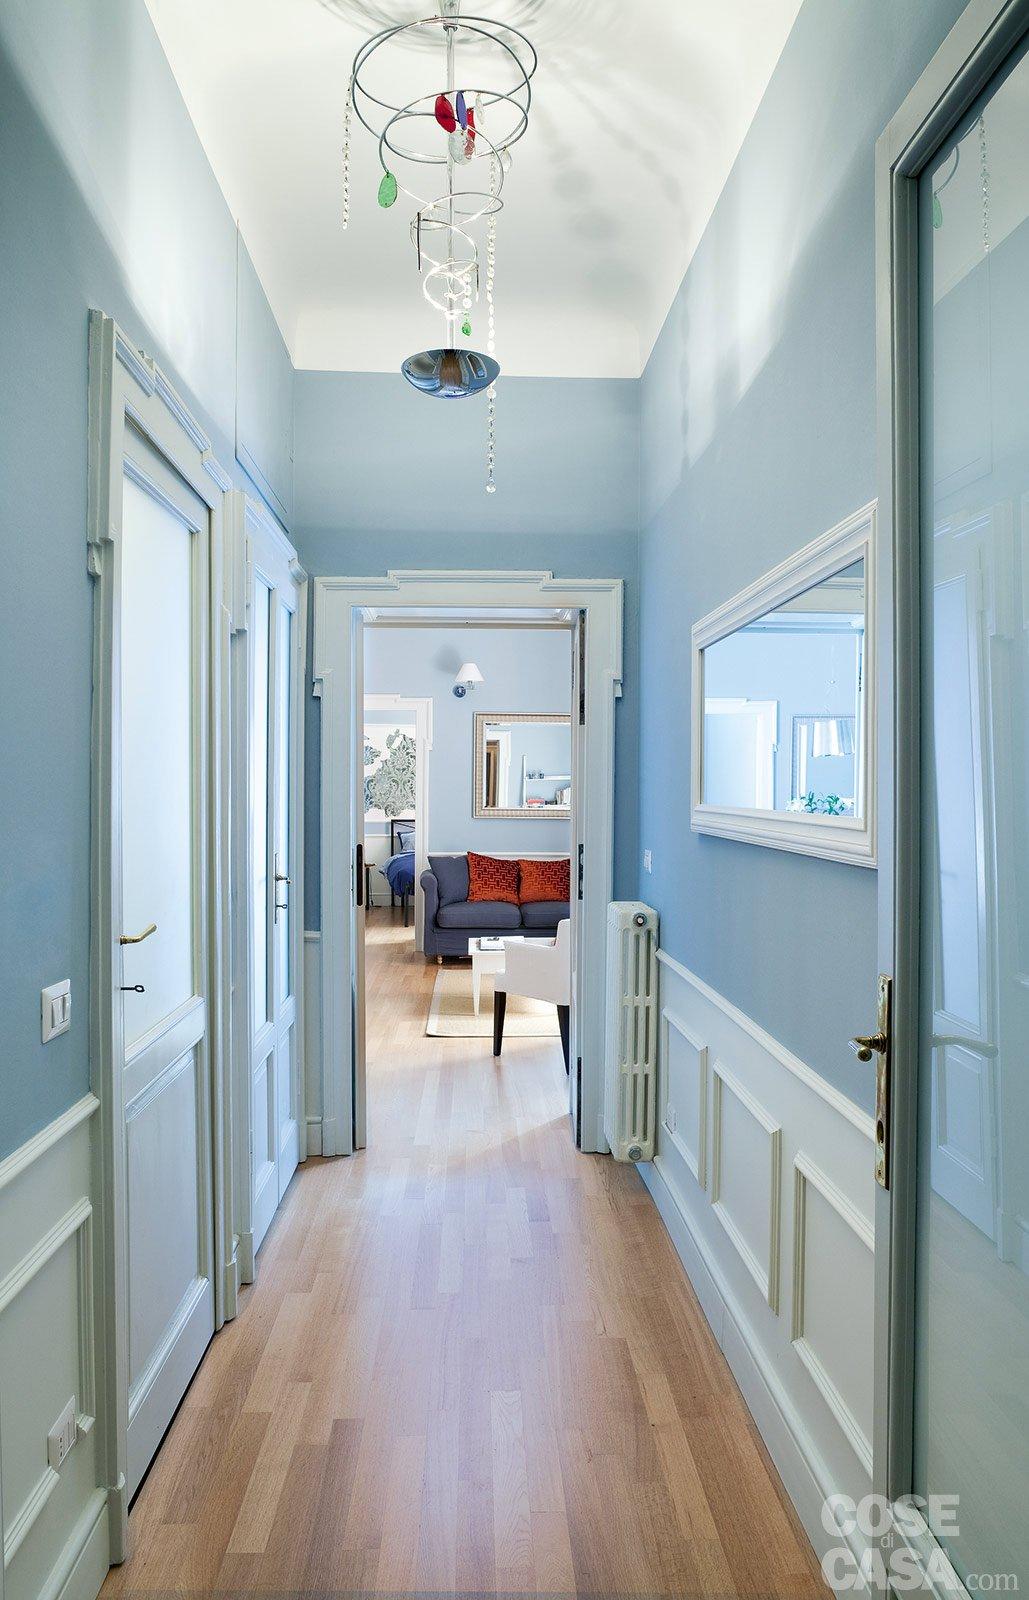 La casa per due un bilocale di classe cose di casa for Pittura per pavimenti